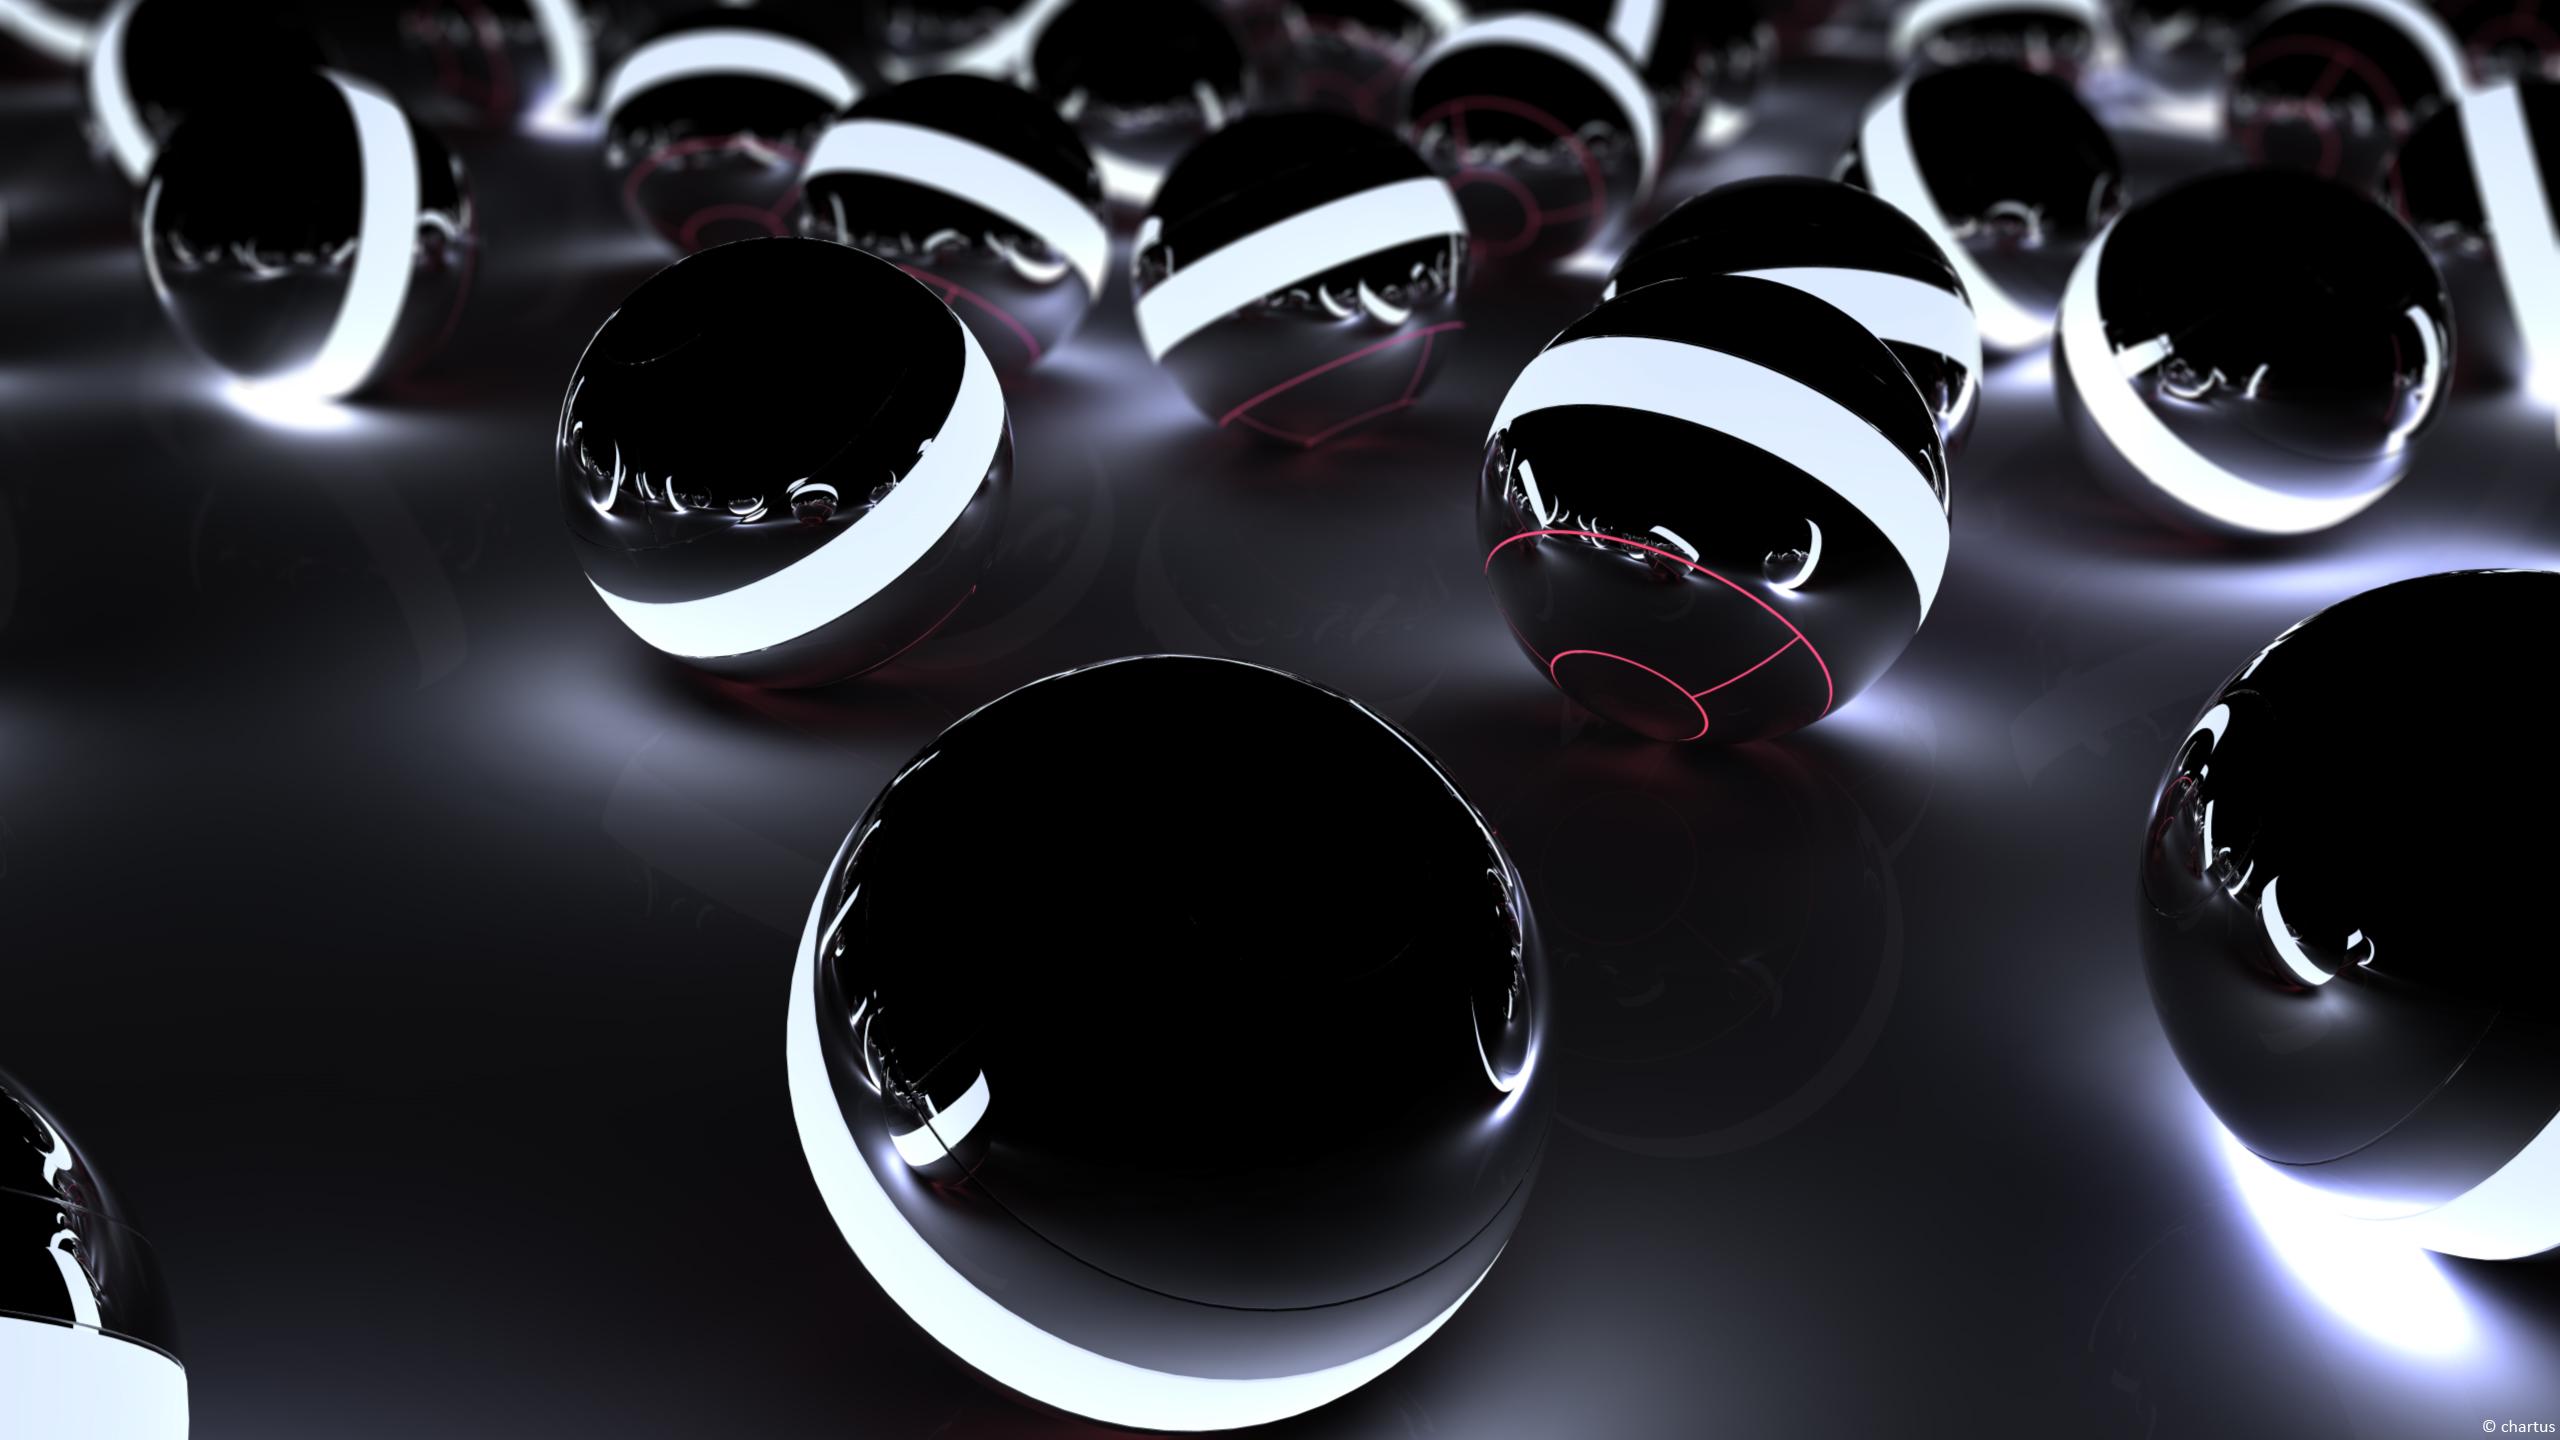 необычные черные картинки на телефон цвету красный материал